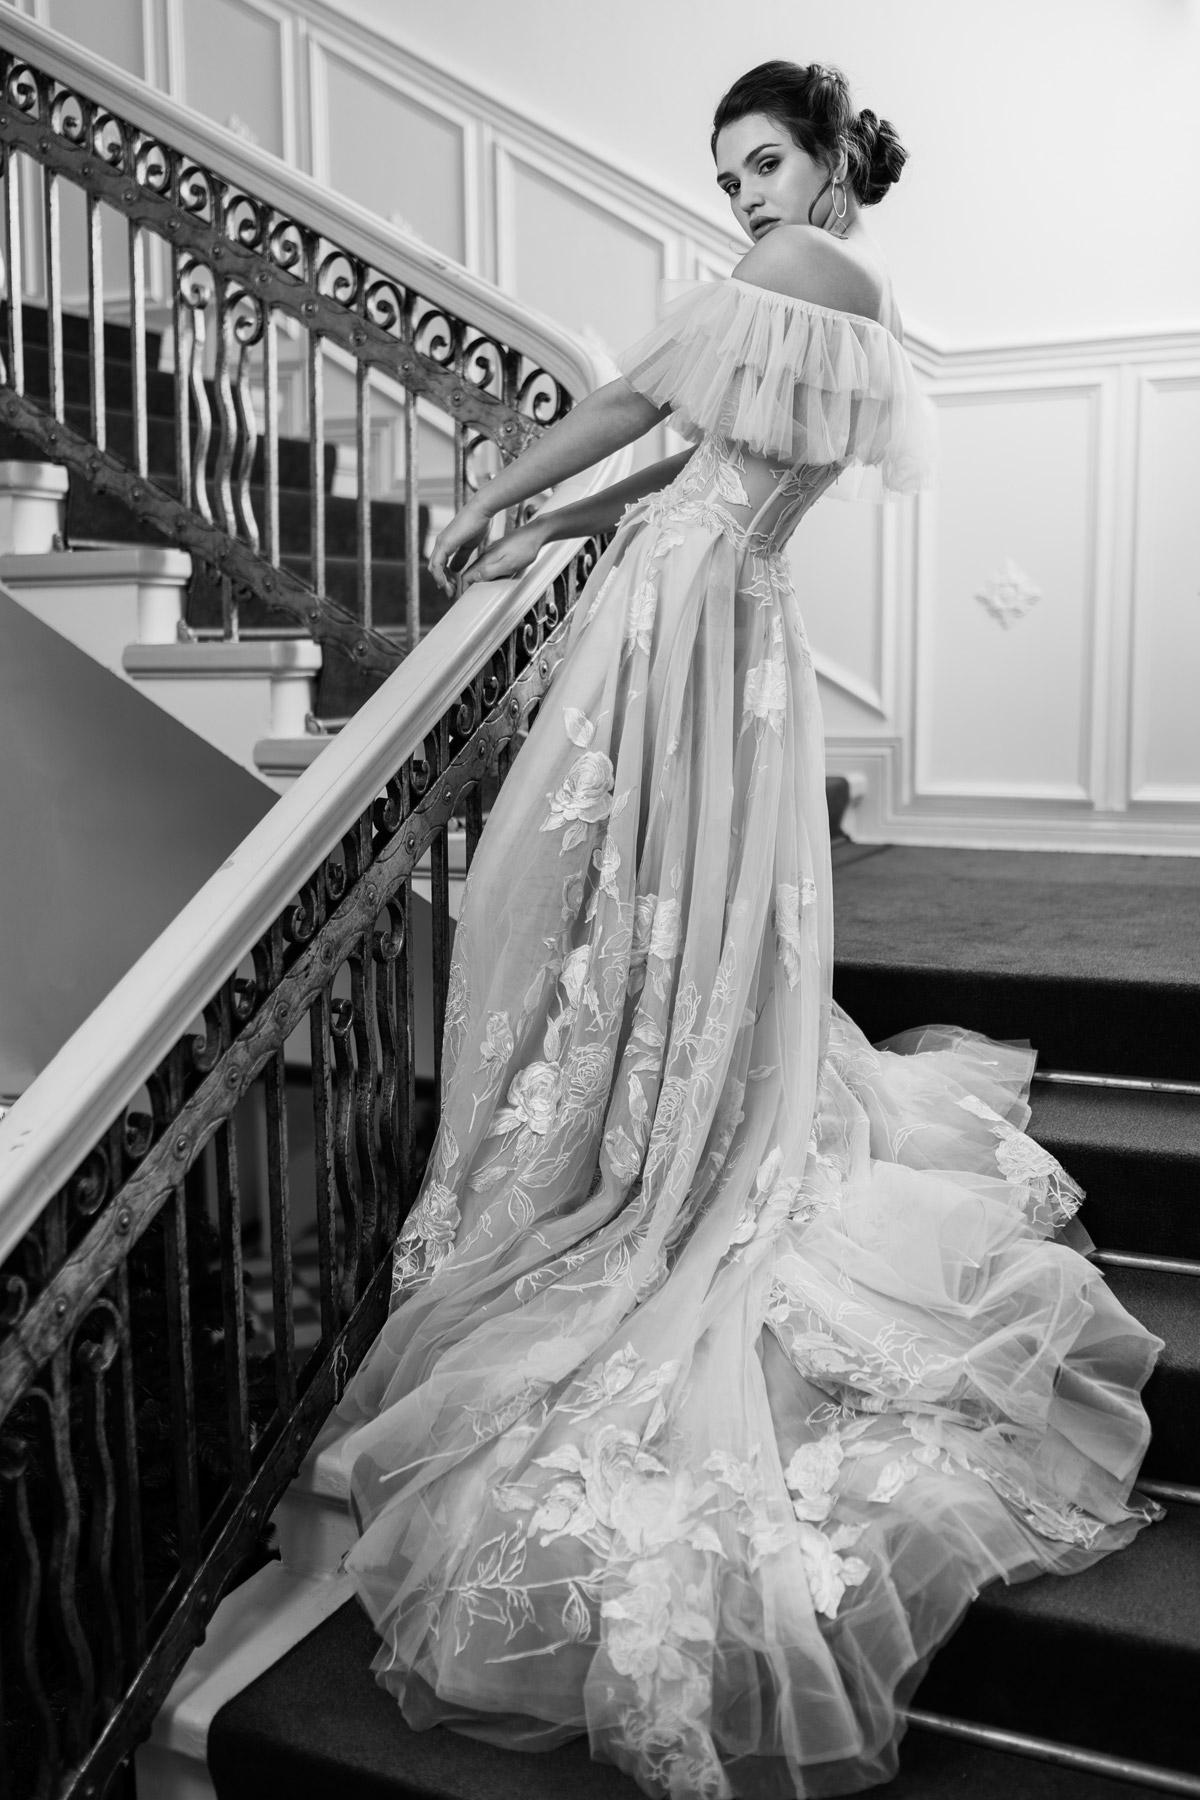 Hochzeitsidee Brautpose im vintage Brautkleid Prinzessinneb-Look mit langer Schleppe, Tüll und Spitze, schulterfrei - fotografiert mit mobiler Studioblitzanlage von Hochzeitsfotografin aus Berlin für Bridal Fashion Inspiration